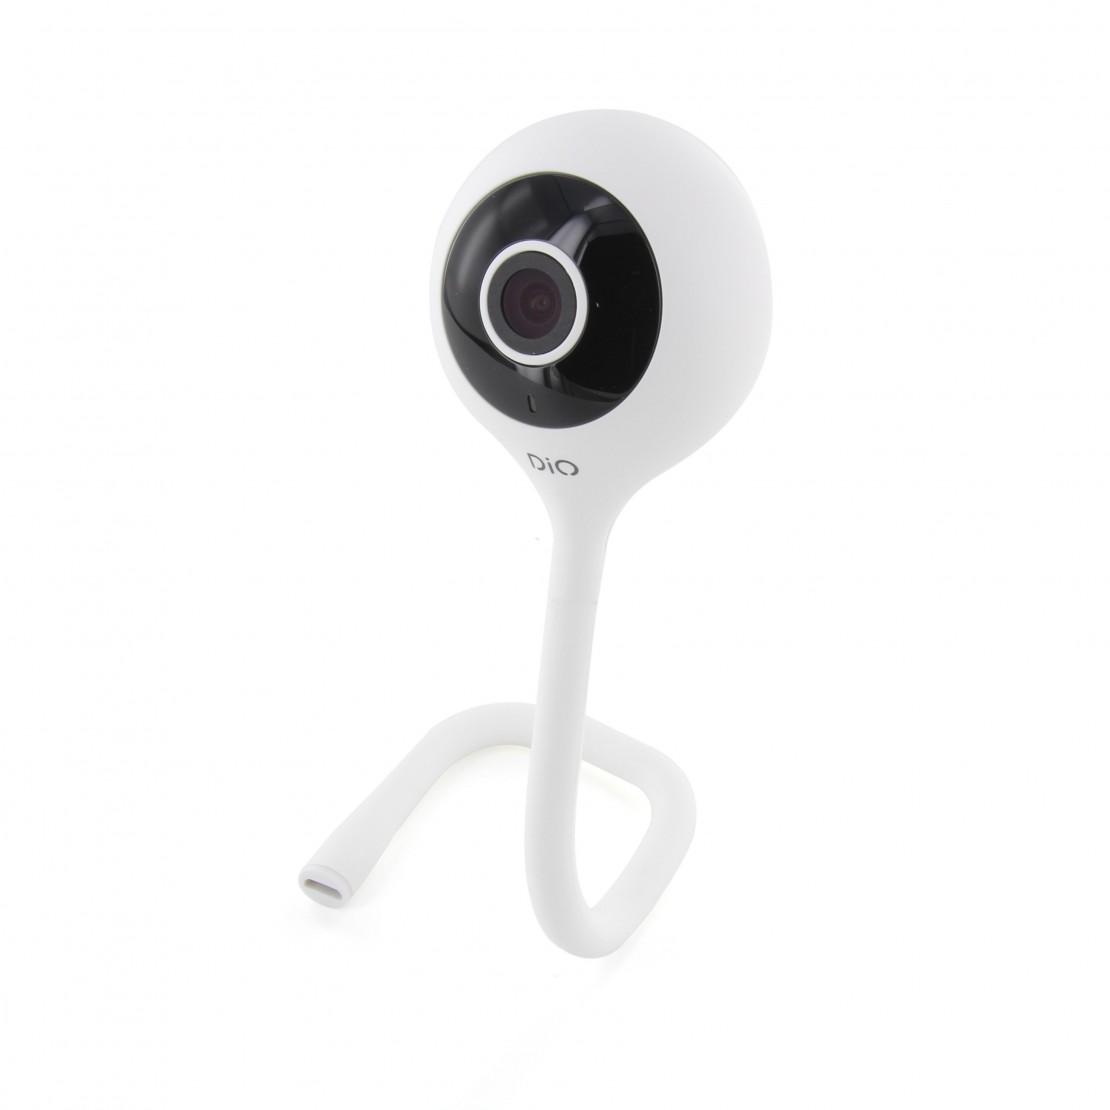 HD-camera met wifi en geluidsdetectie